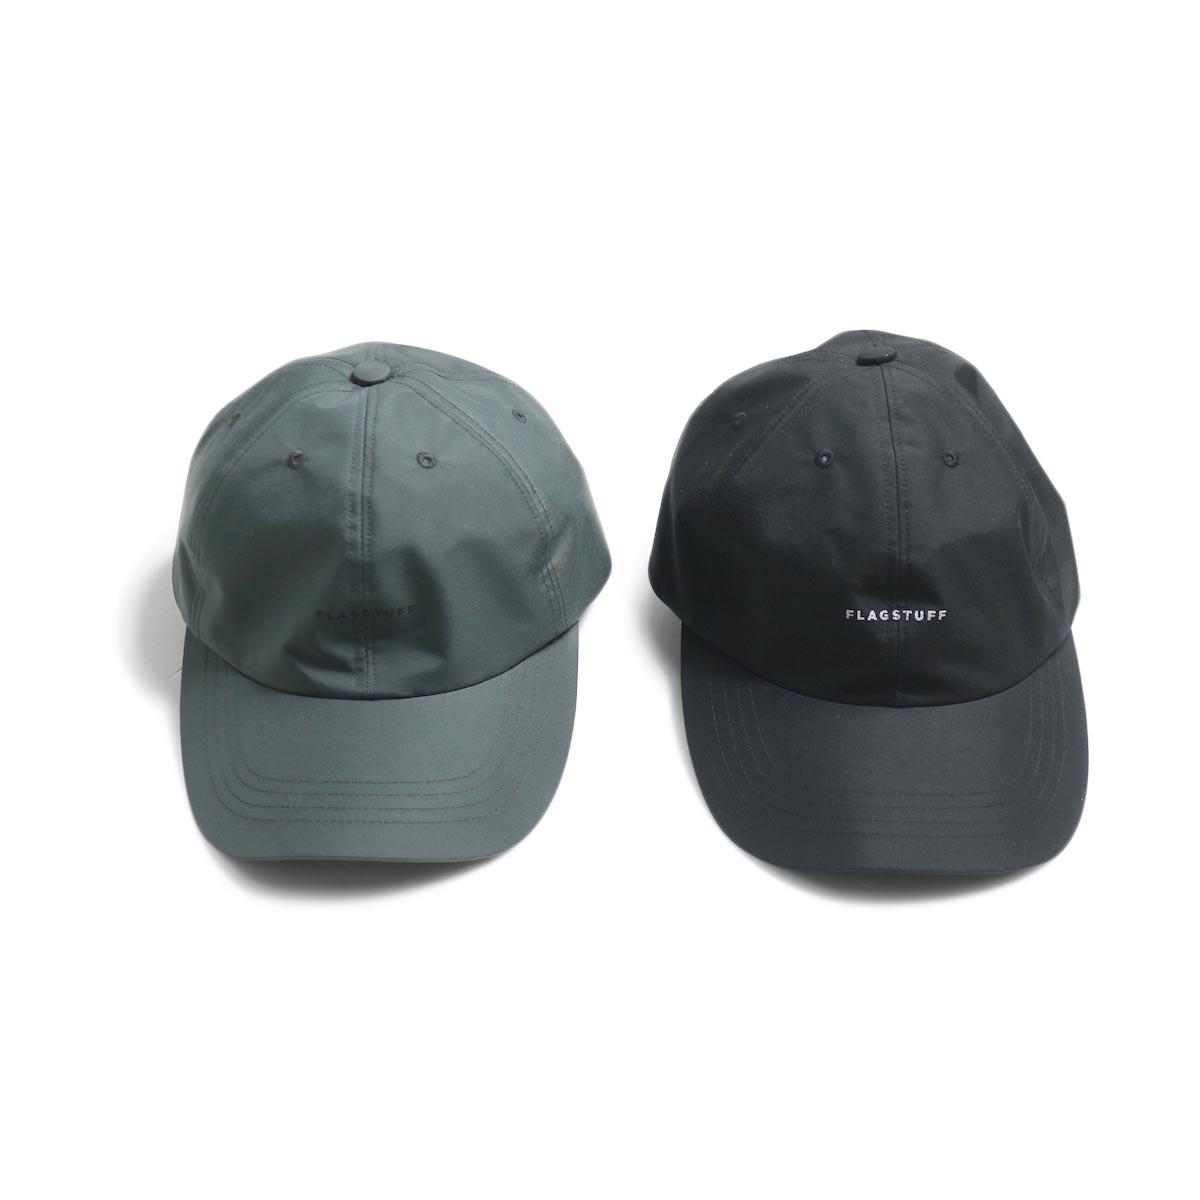 F-LAGSTUF-F  / 3M 6Panel Cap